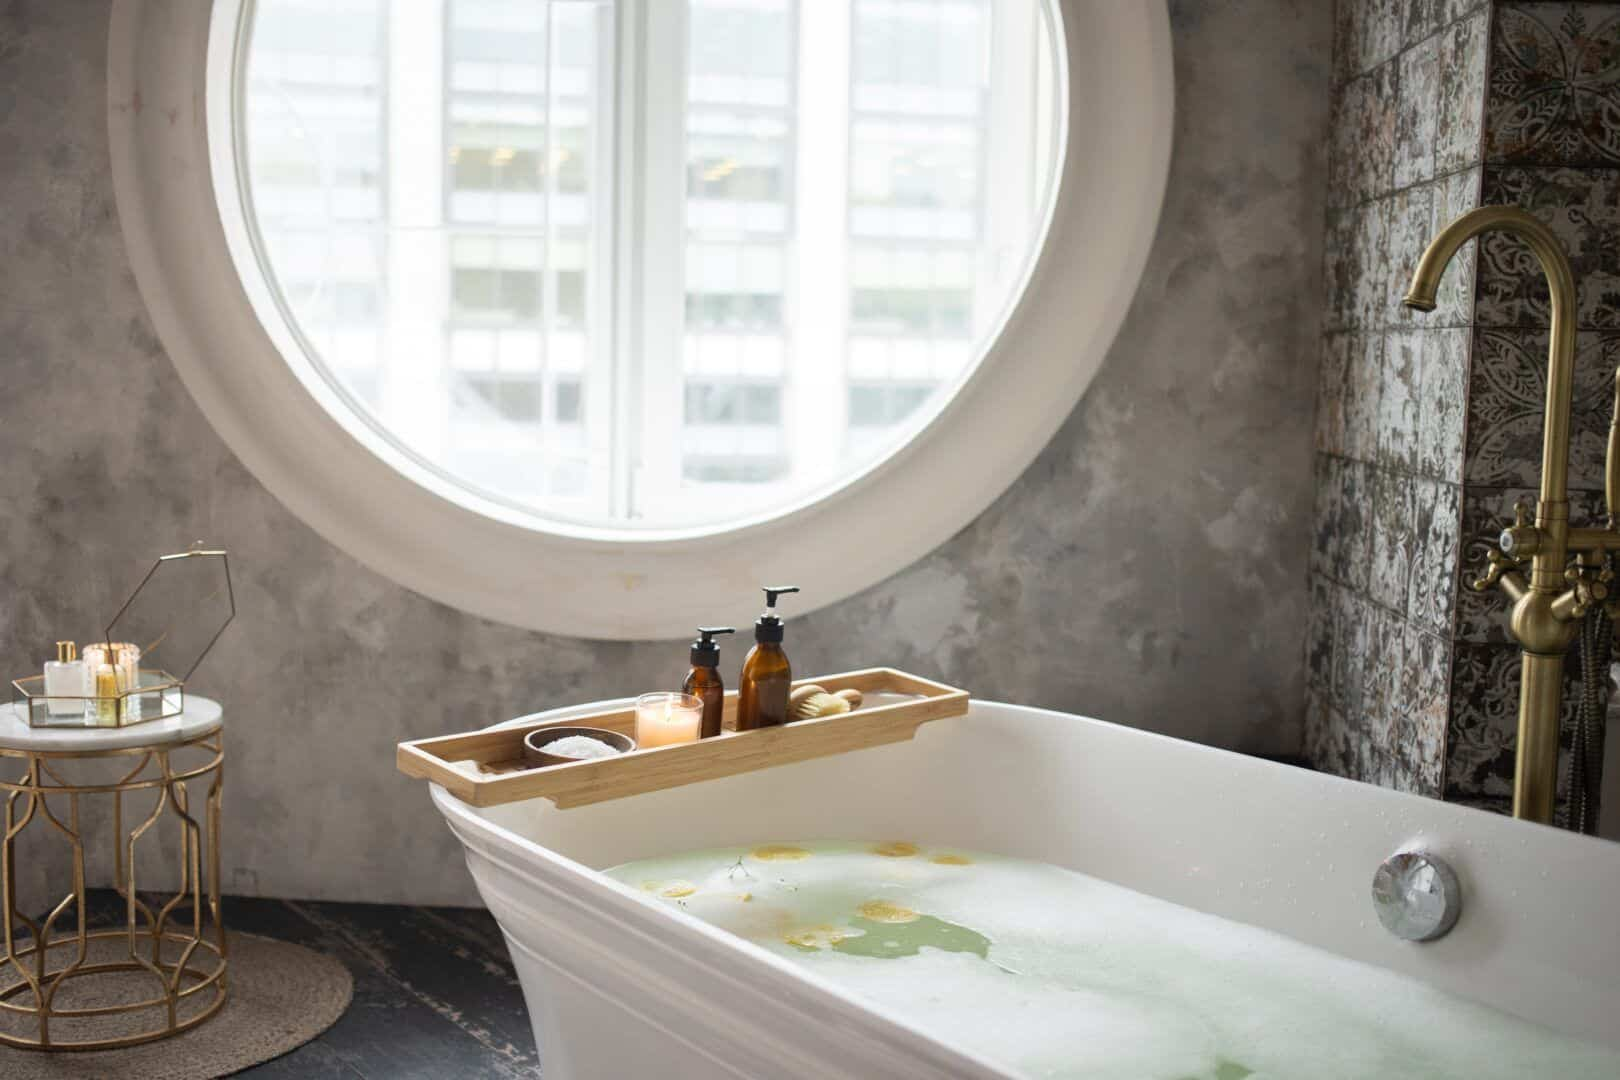 Fotografia de um banho especial de banheira para ilustração do item